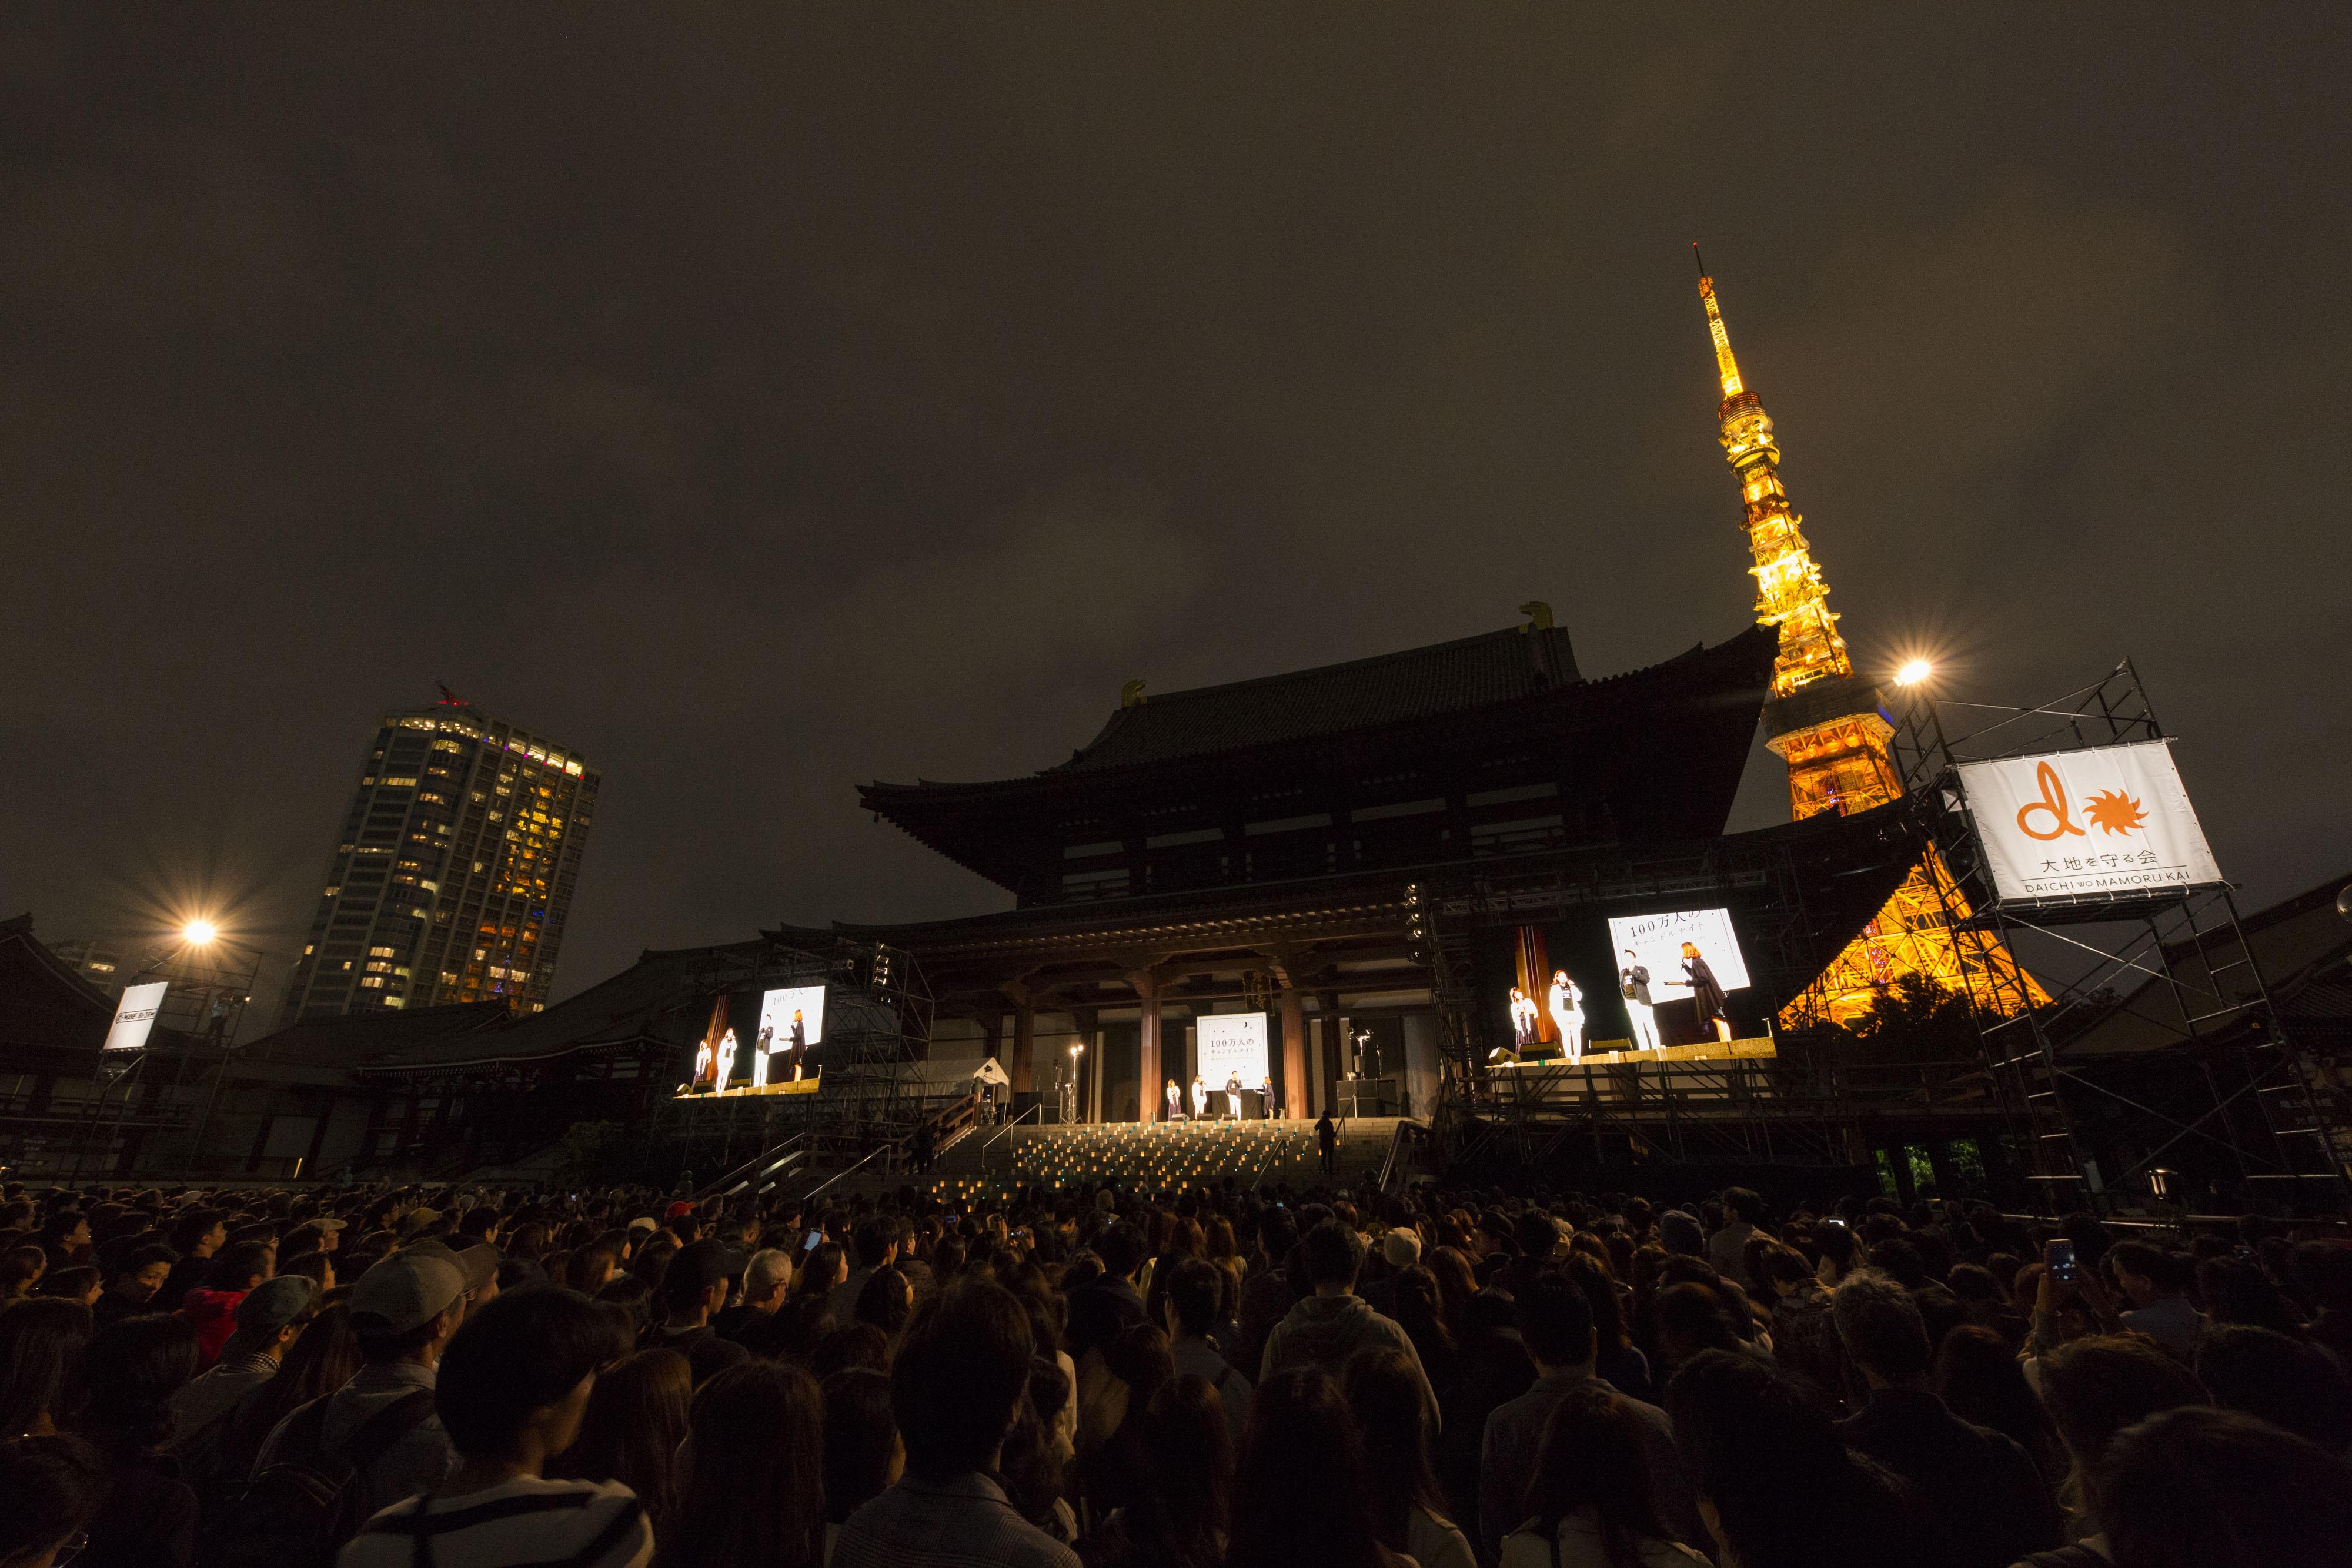 会場は、東京タワーのふもとにあるお寺、増上寺。